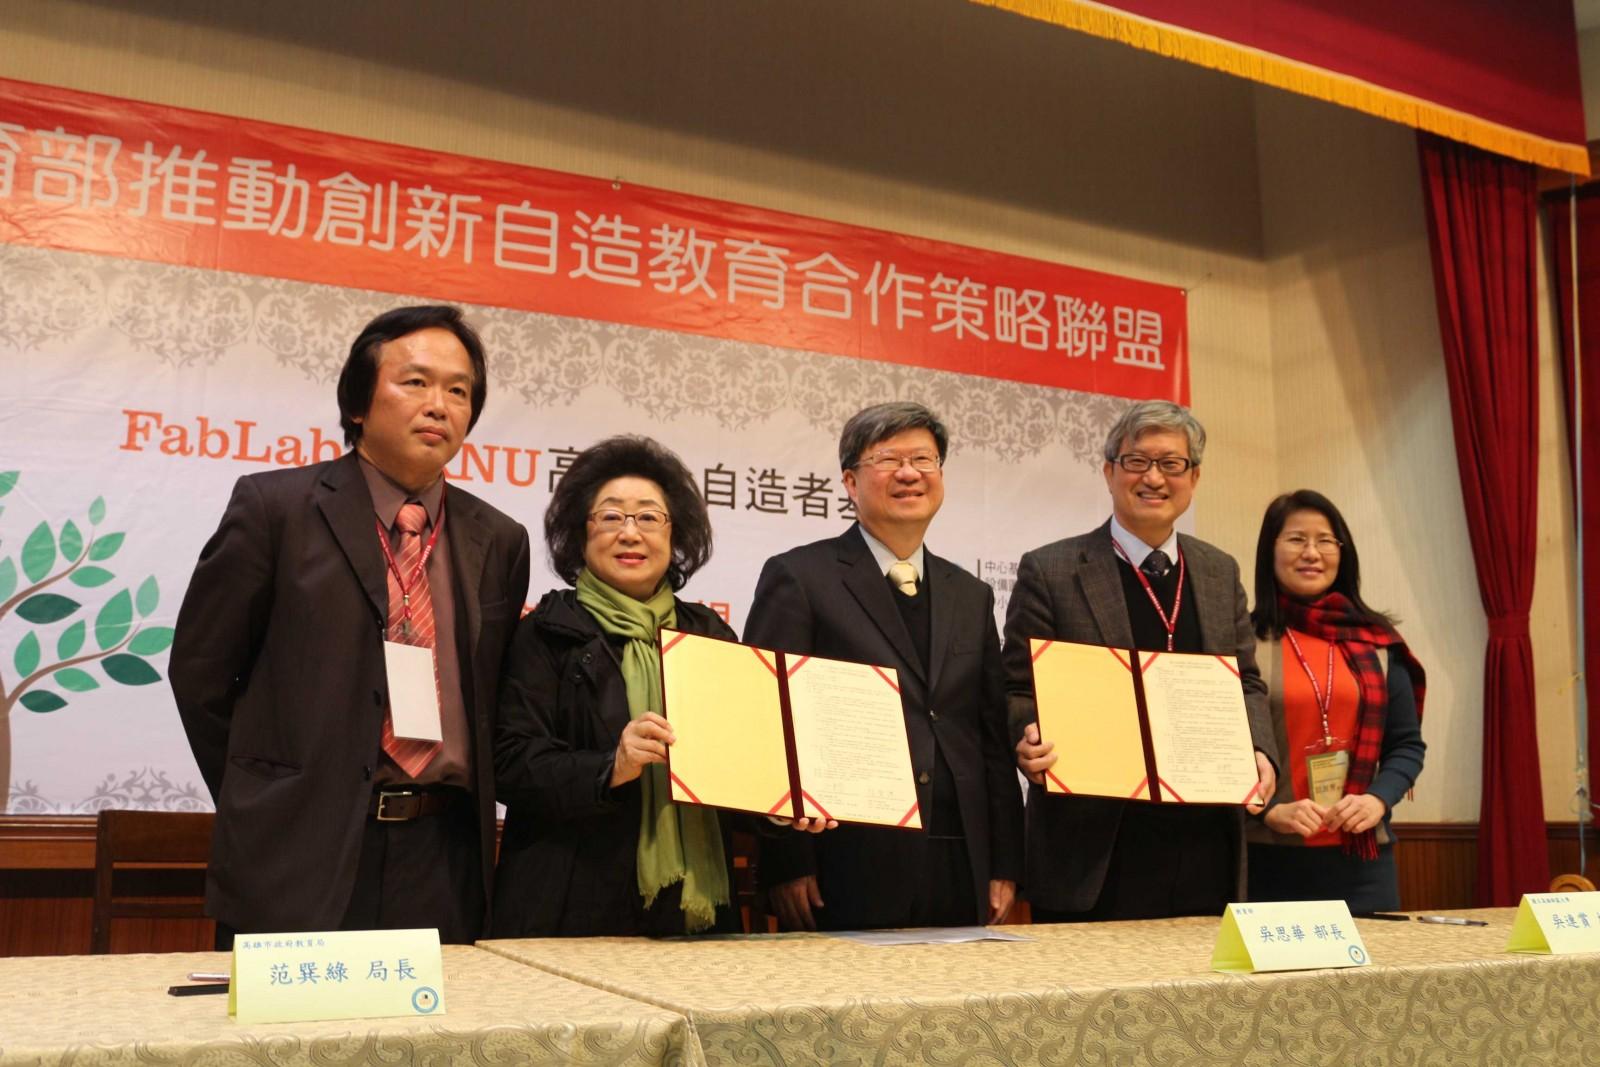 推動國中小Maker教育 200所國中小簽署策略聯盟